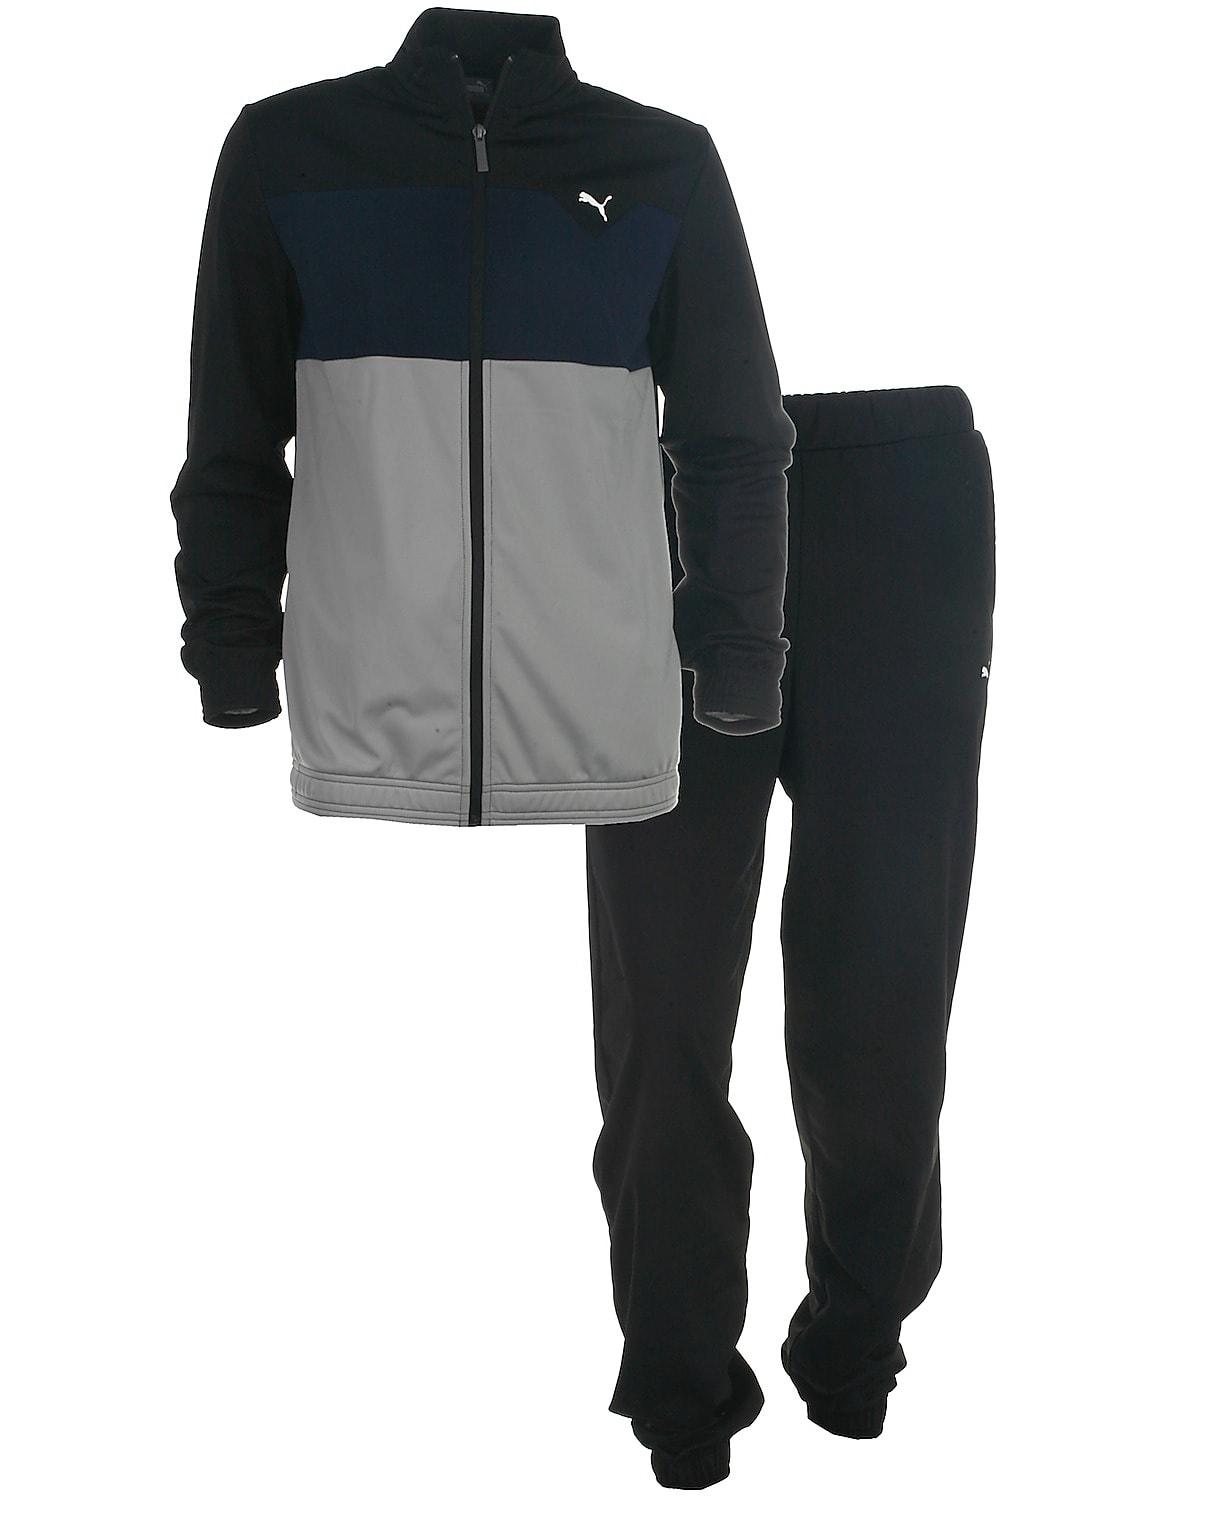 eedfdcb3971 Puma træningssæt l/s, Tricotsuit, sort. Sportstøj fra ...